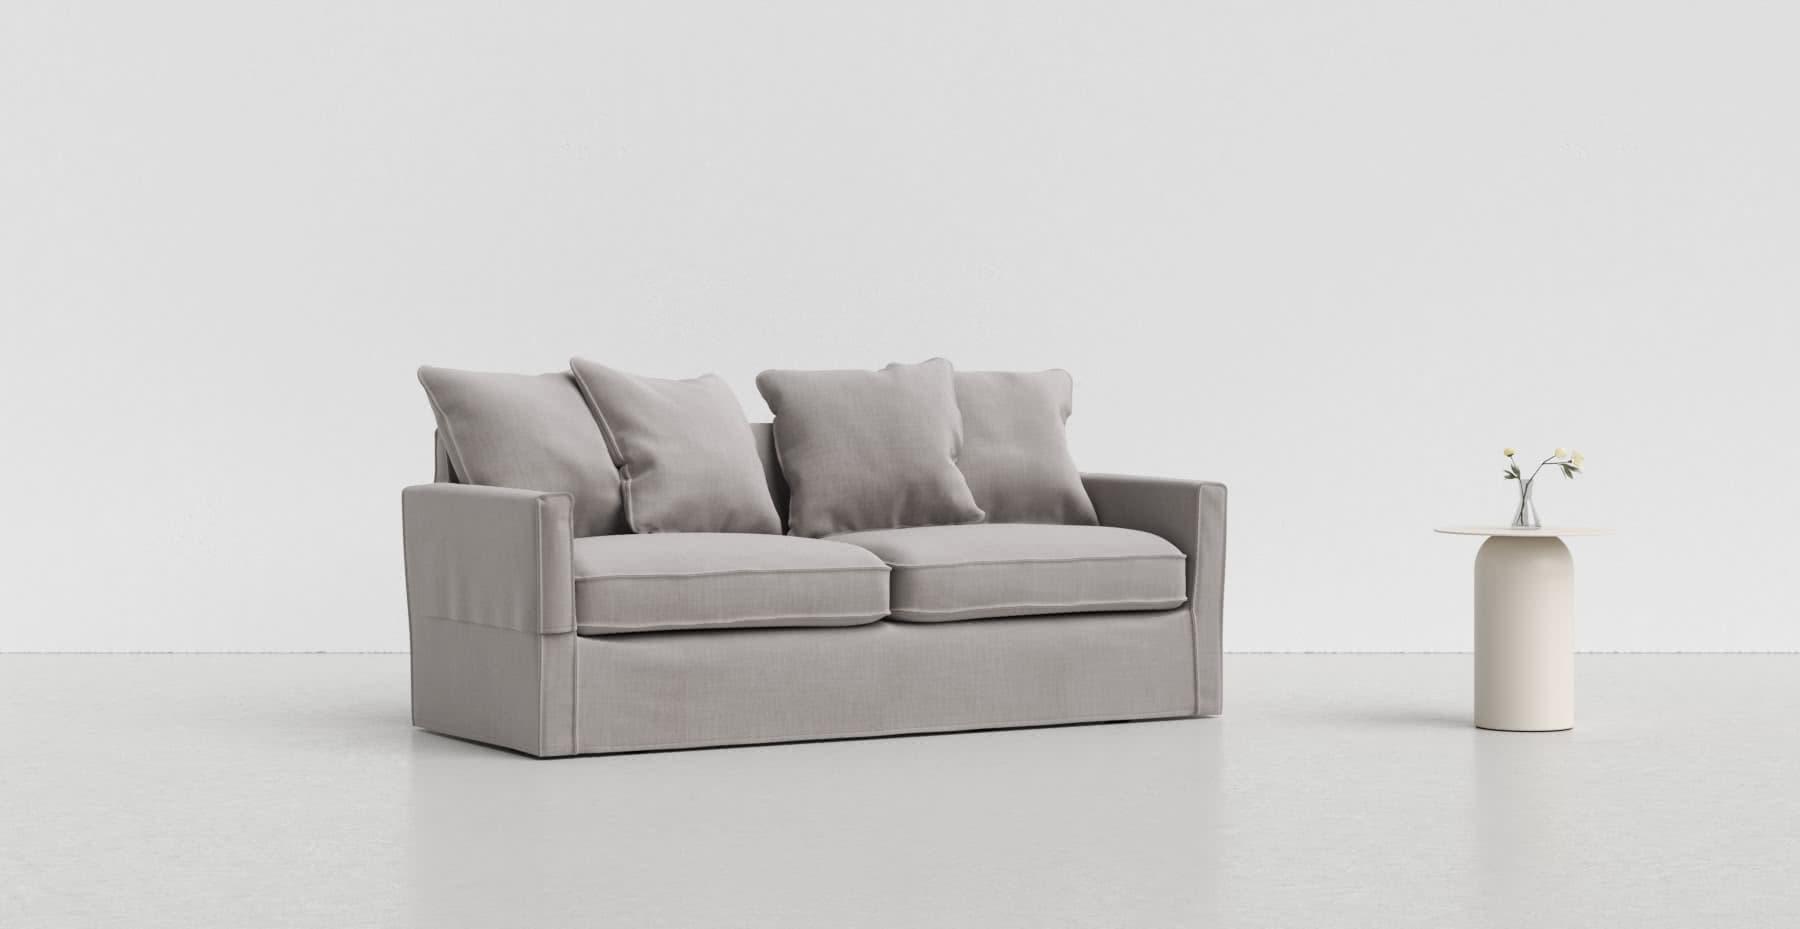 Ikea Federe Cuscini Divano fodere per divano harnosand | comfort works